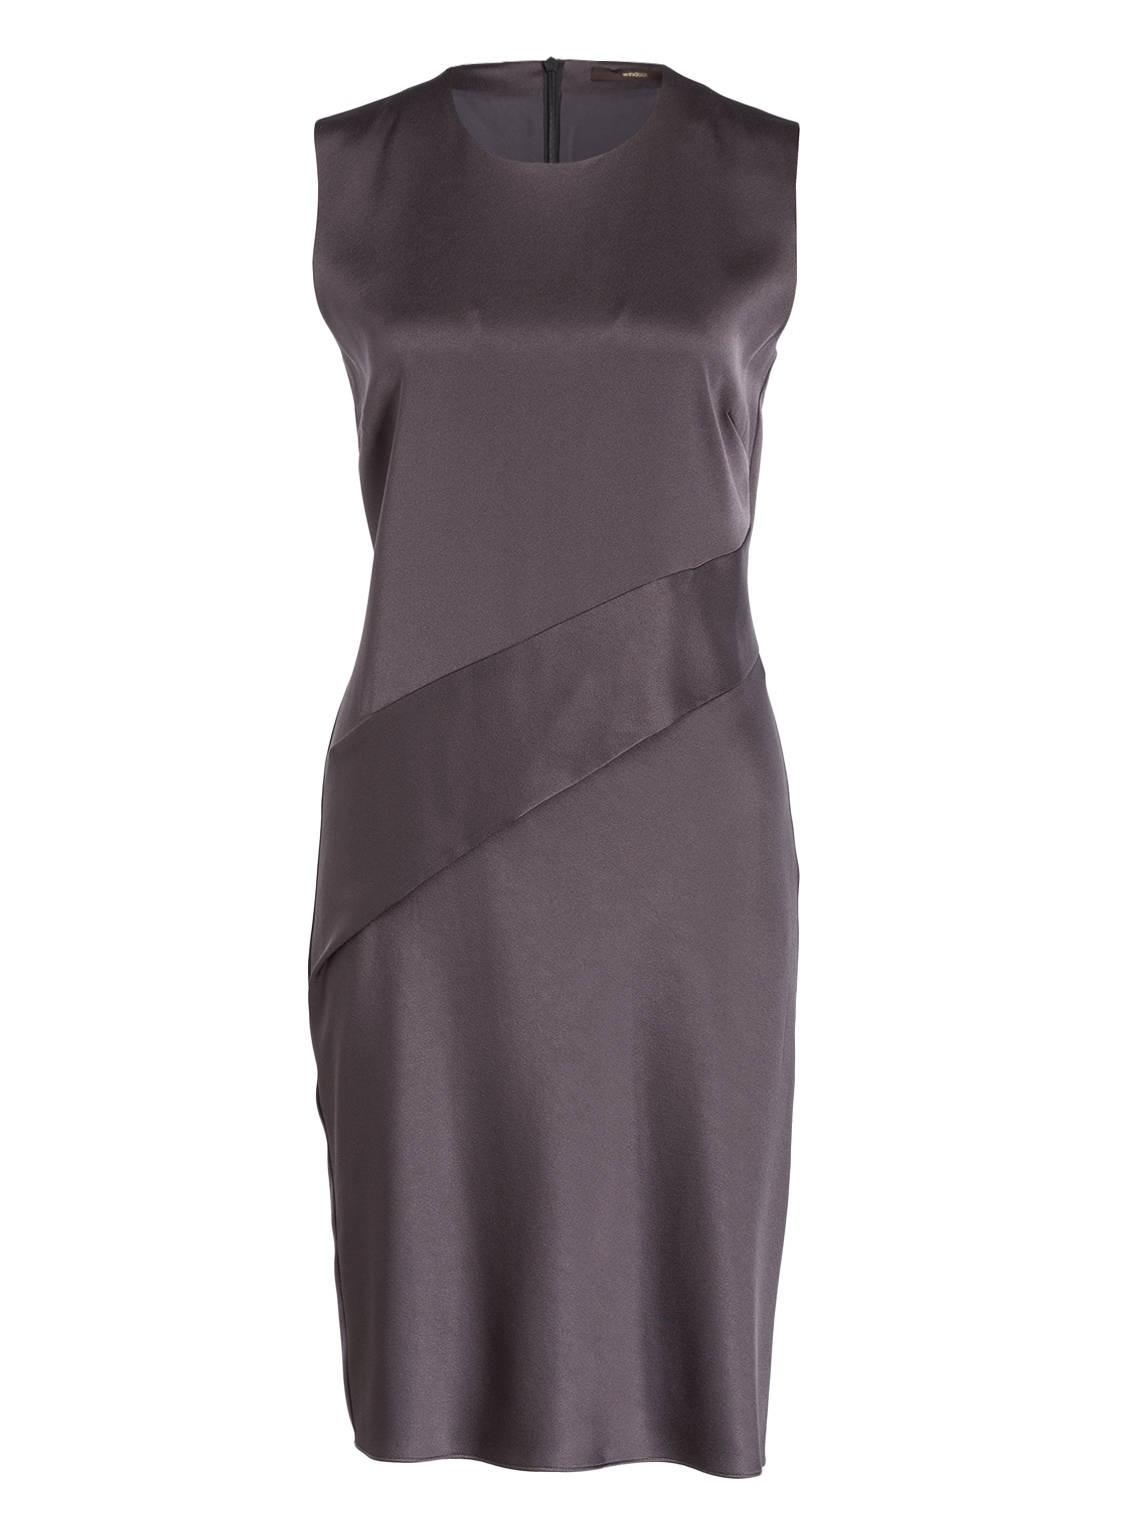 Abend Genial Damen Kleider Knielang für 201920 Wunderbar Damen Kleider Knielang Stylish